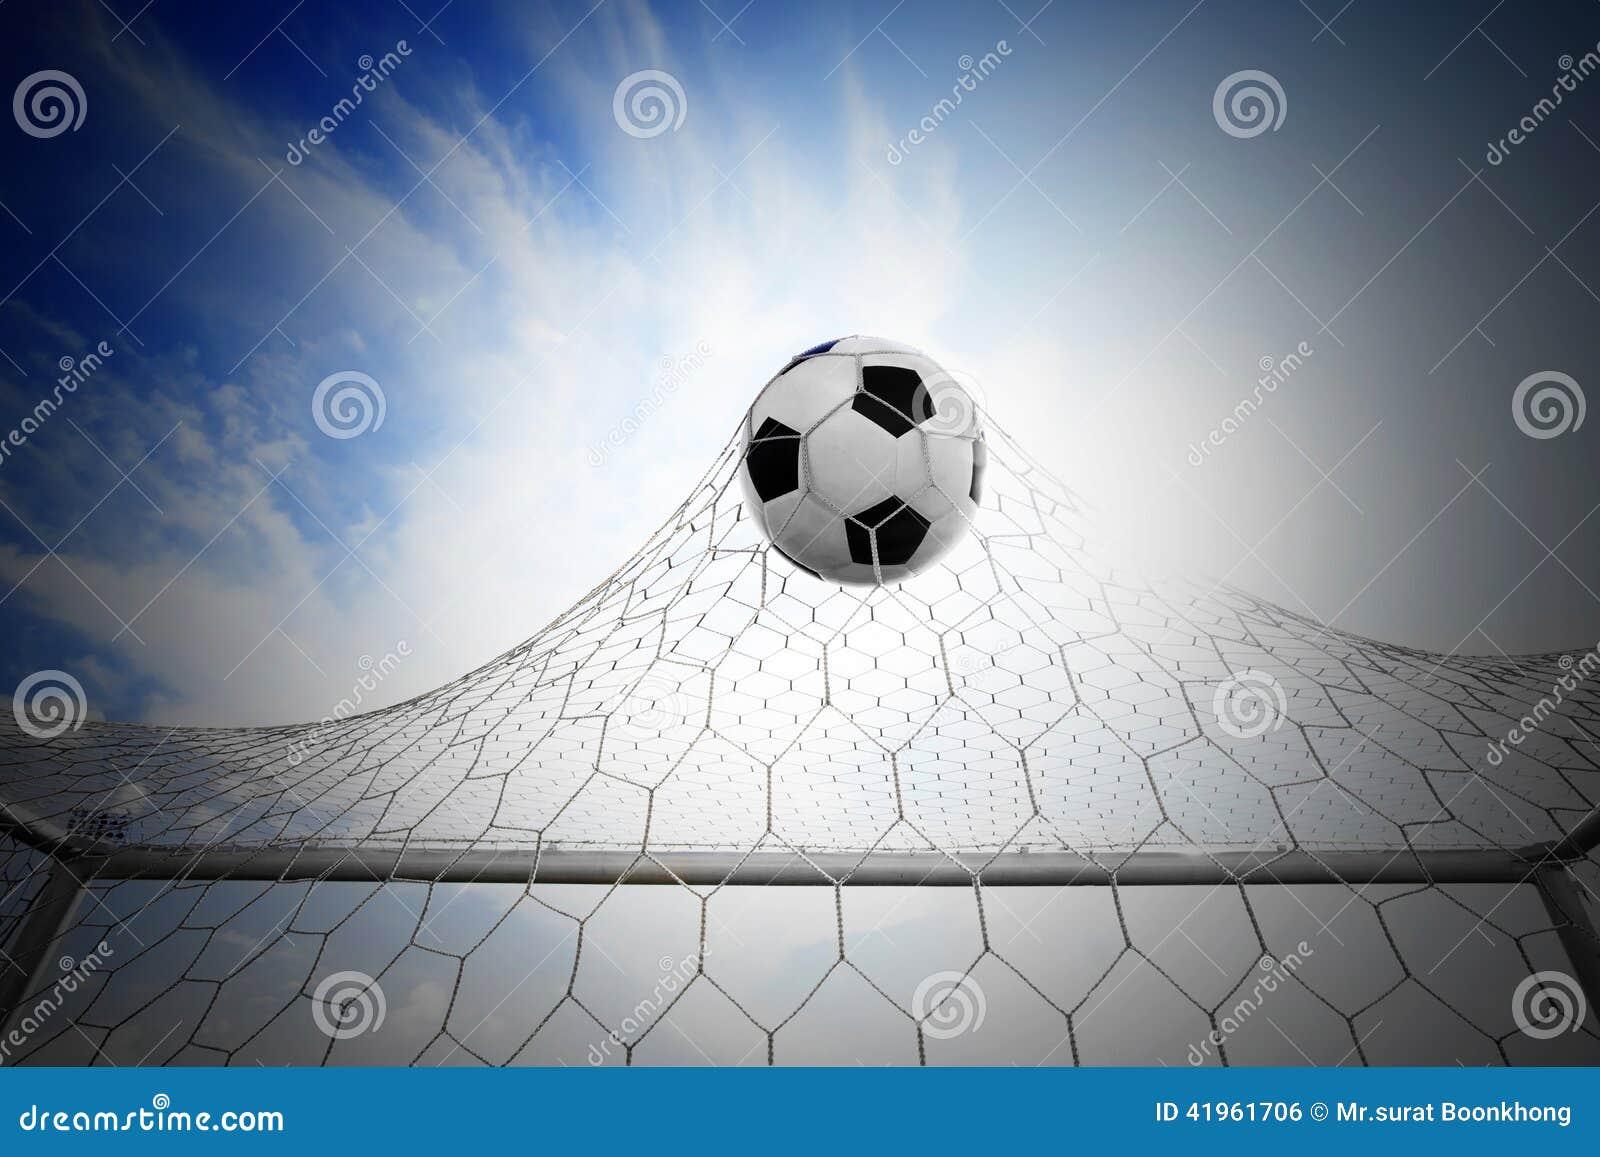 Fotbollfotboll i mål förtjänar